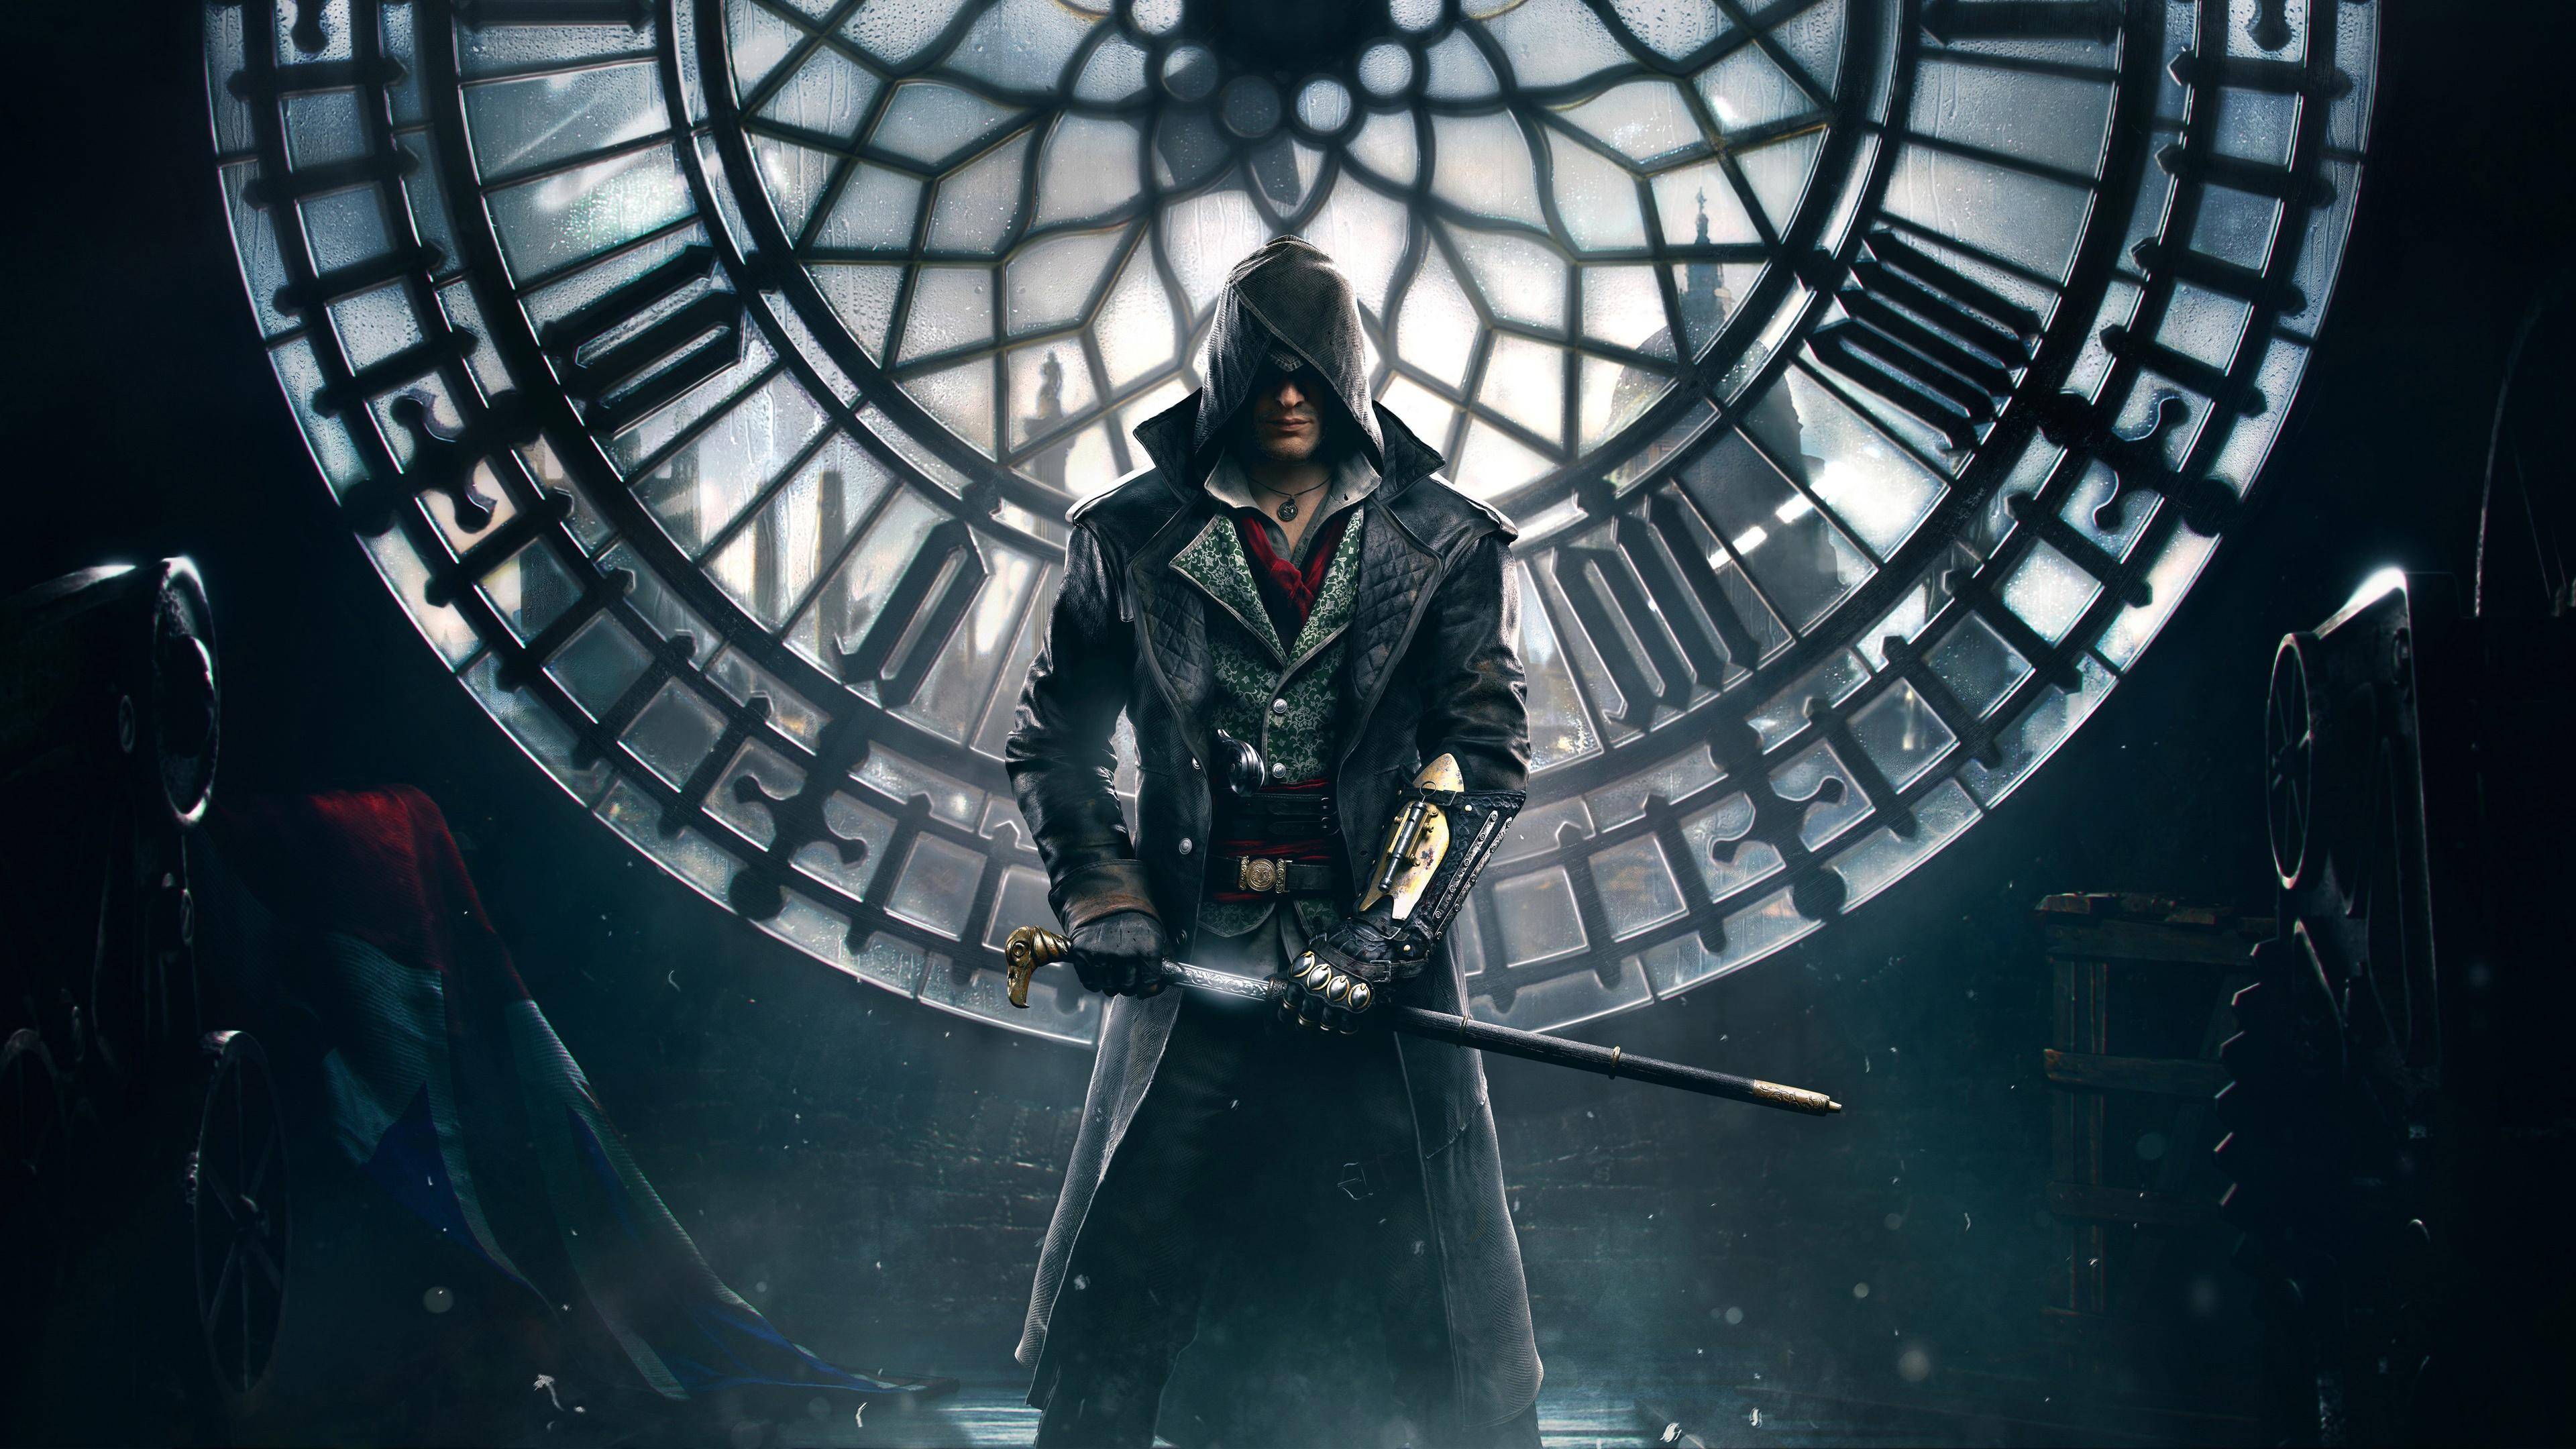 Воин в шлеме и доспехах с мечом в руках